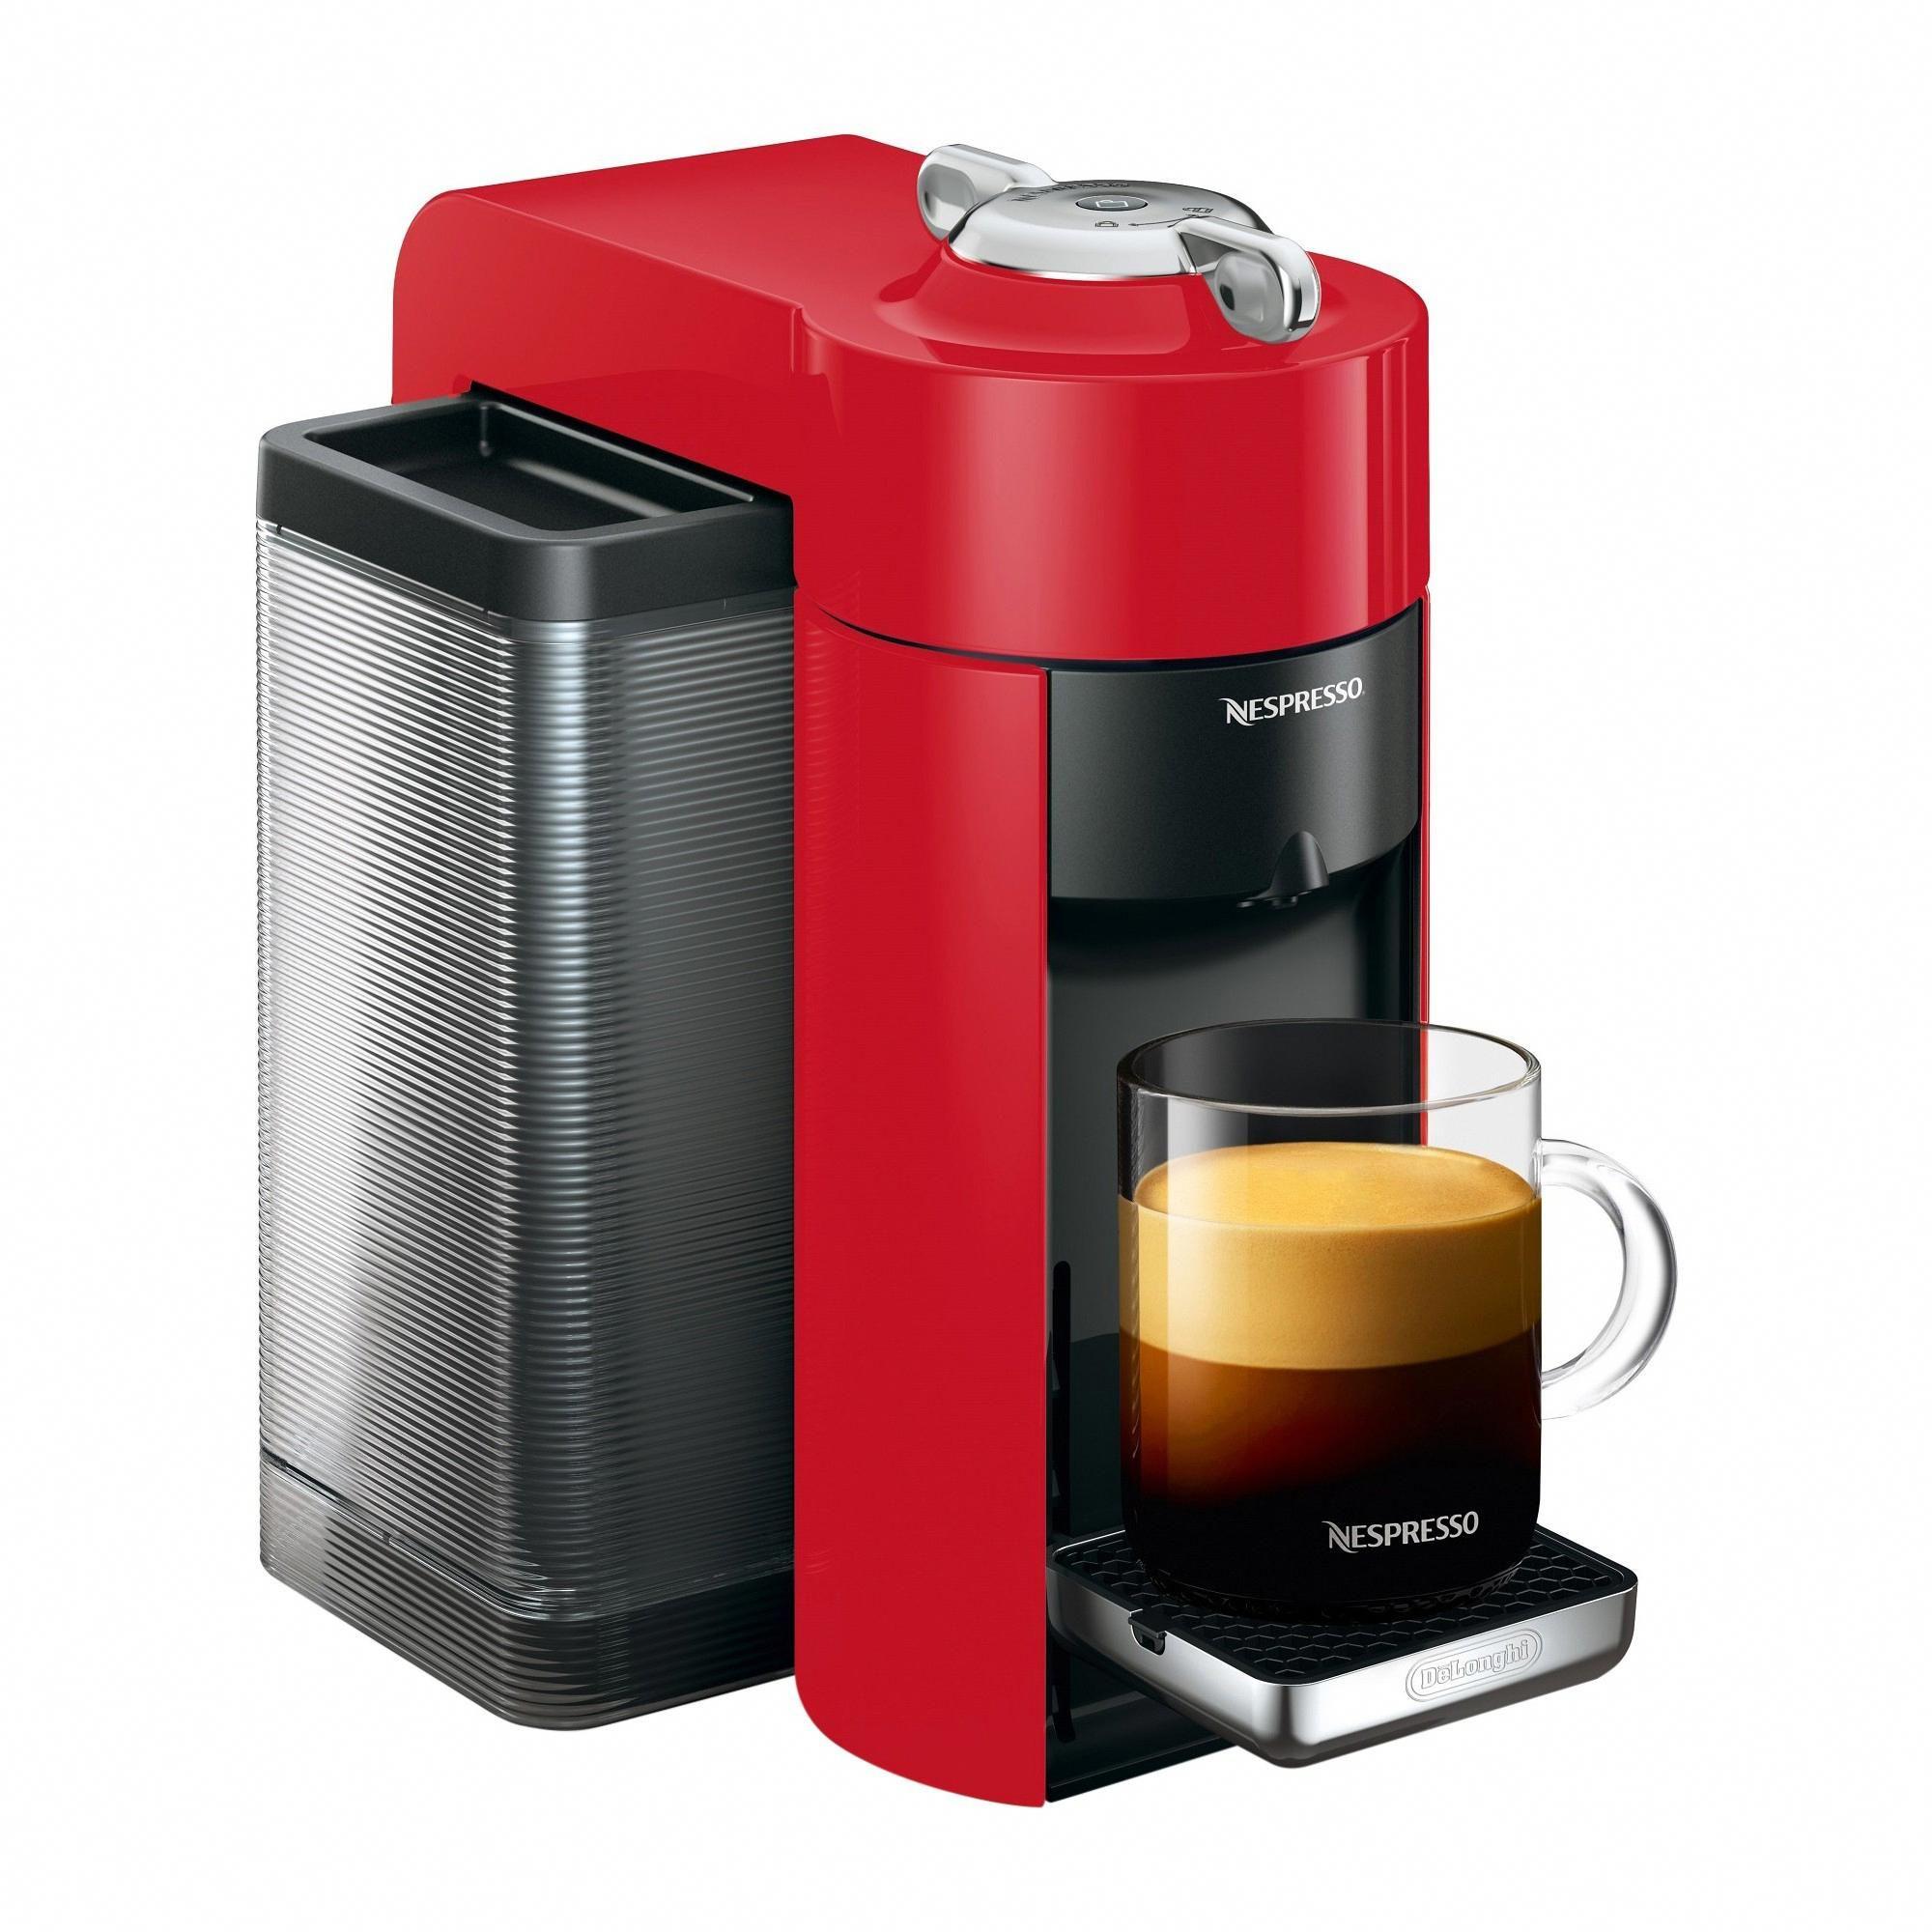 Nespresso Vertuo Coffee and Espresso Machine by De'Longhi